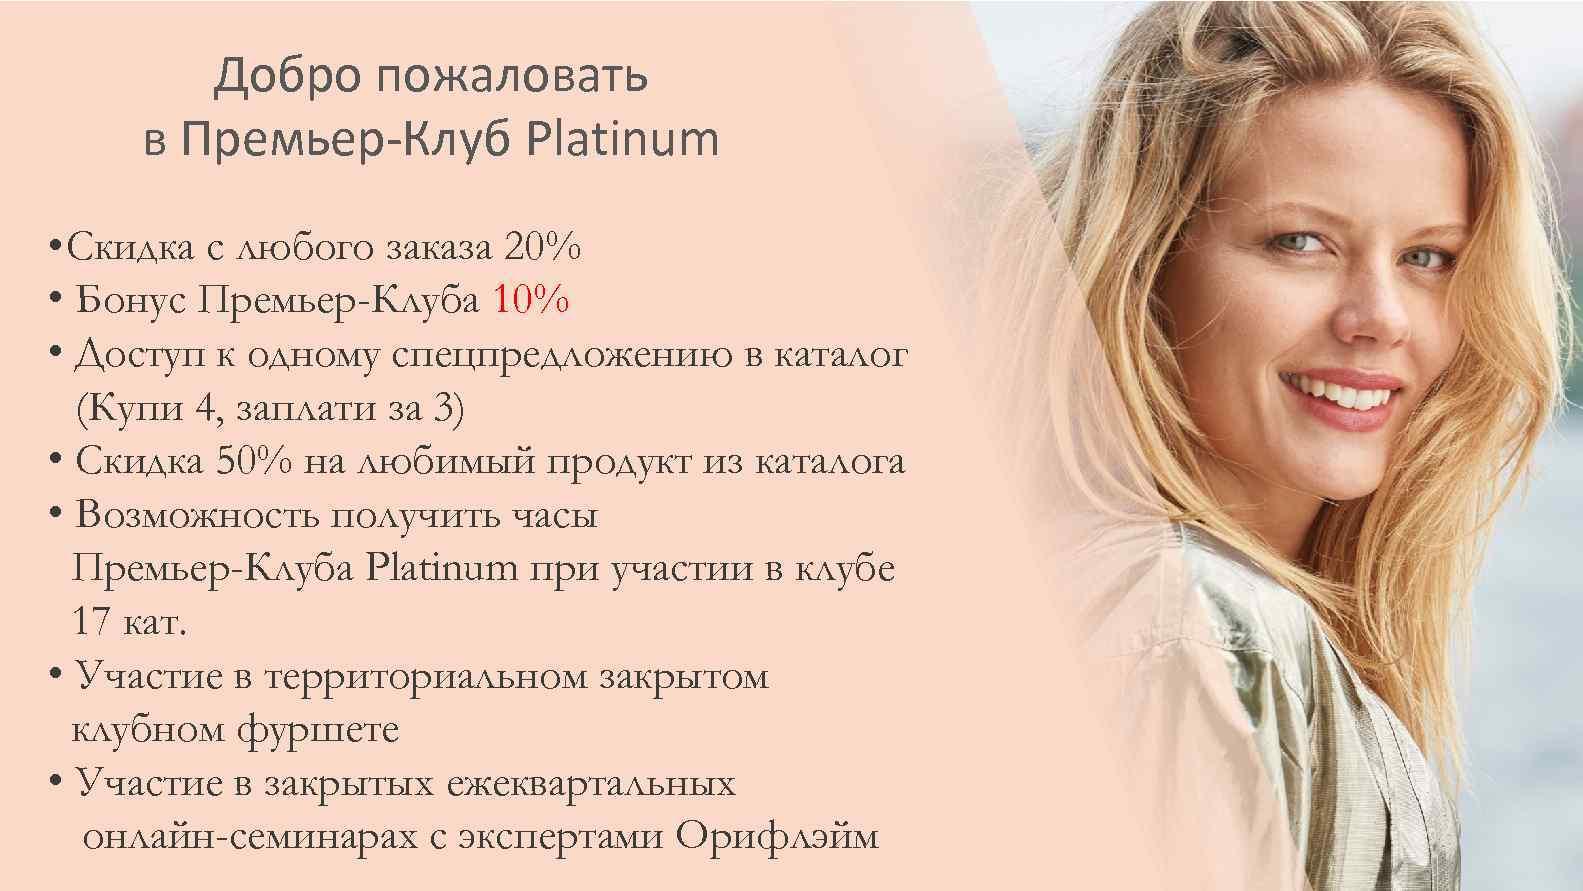 Добро пожаловать в Премьер-Клуб Platinum • Скидка с любого заказа 20% • Бонус Премьер-Клуба